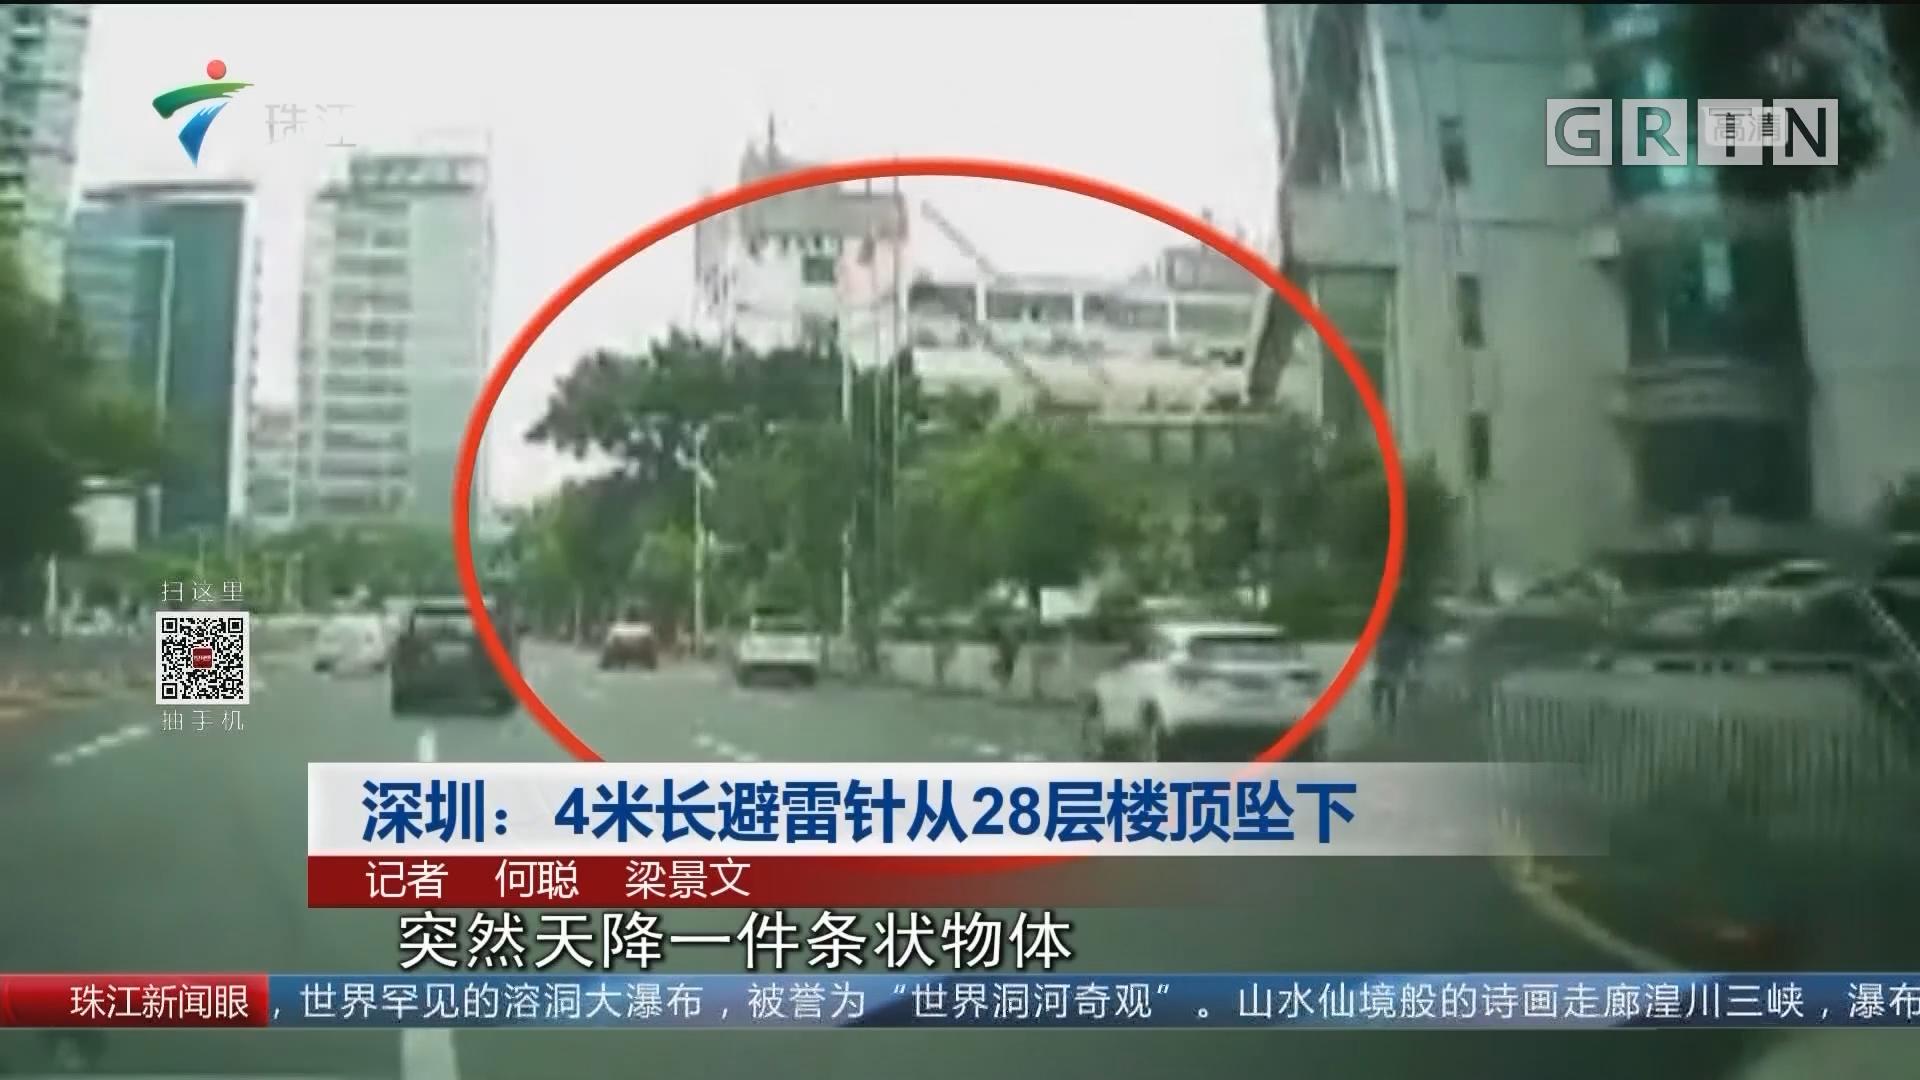 深圳:4米长避雷针从28层楼顶坠下